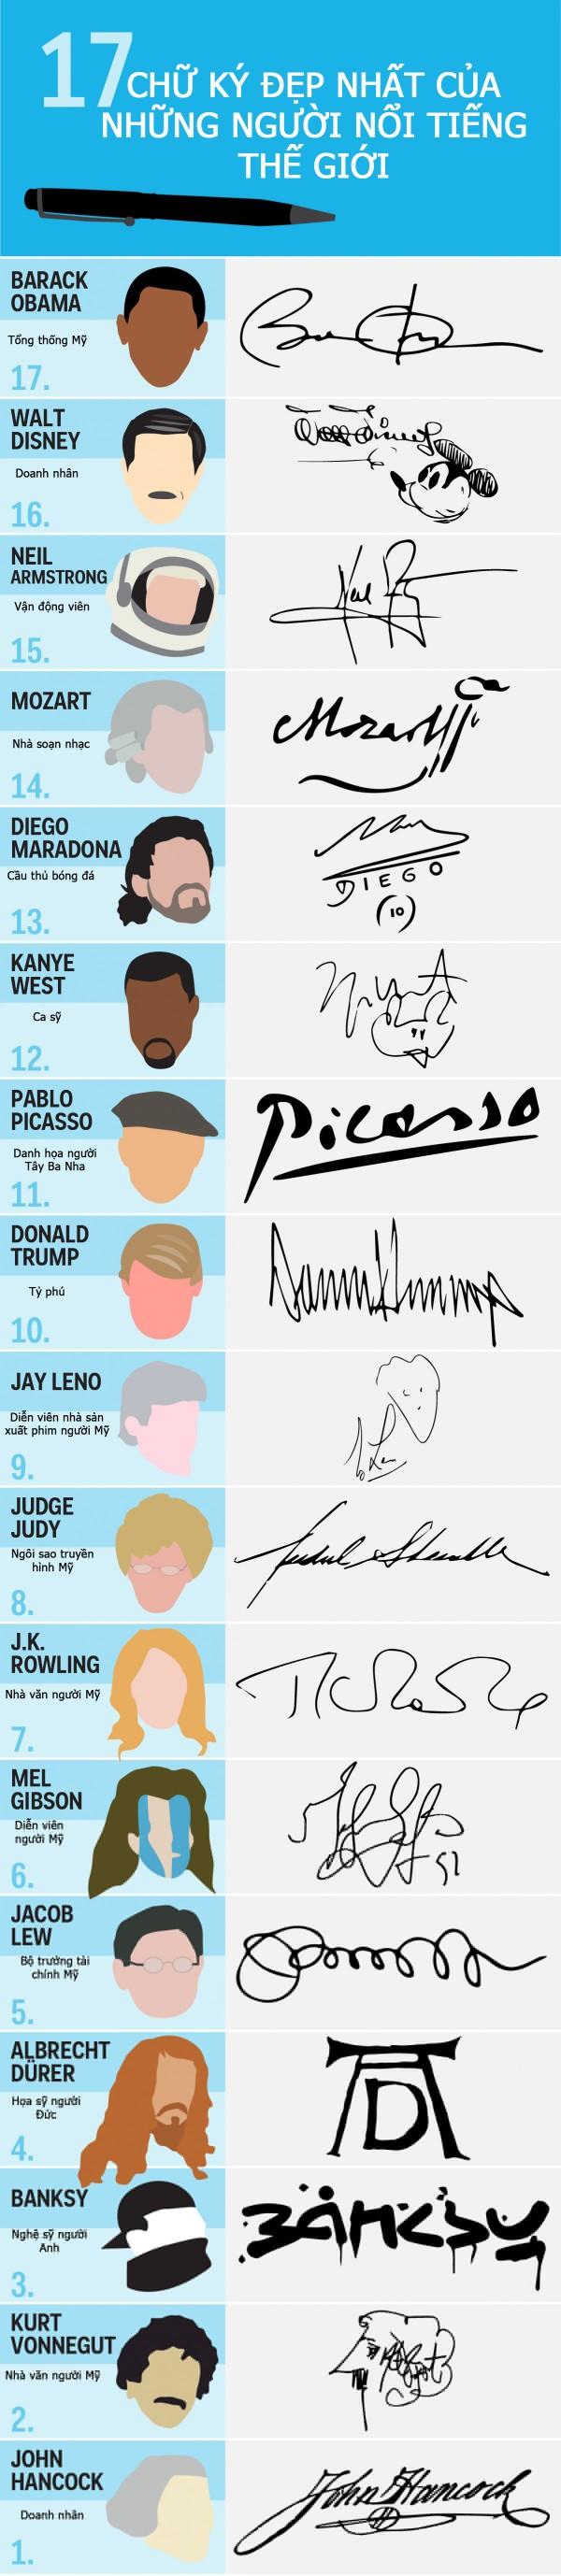 17 chữ ký đẹp nhất trong lịch sử của những người nổi tiếng (1)